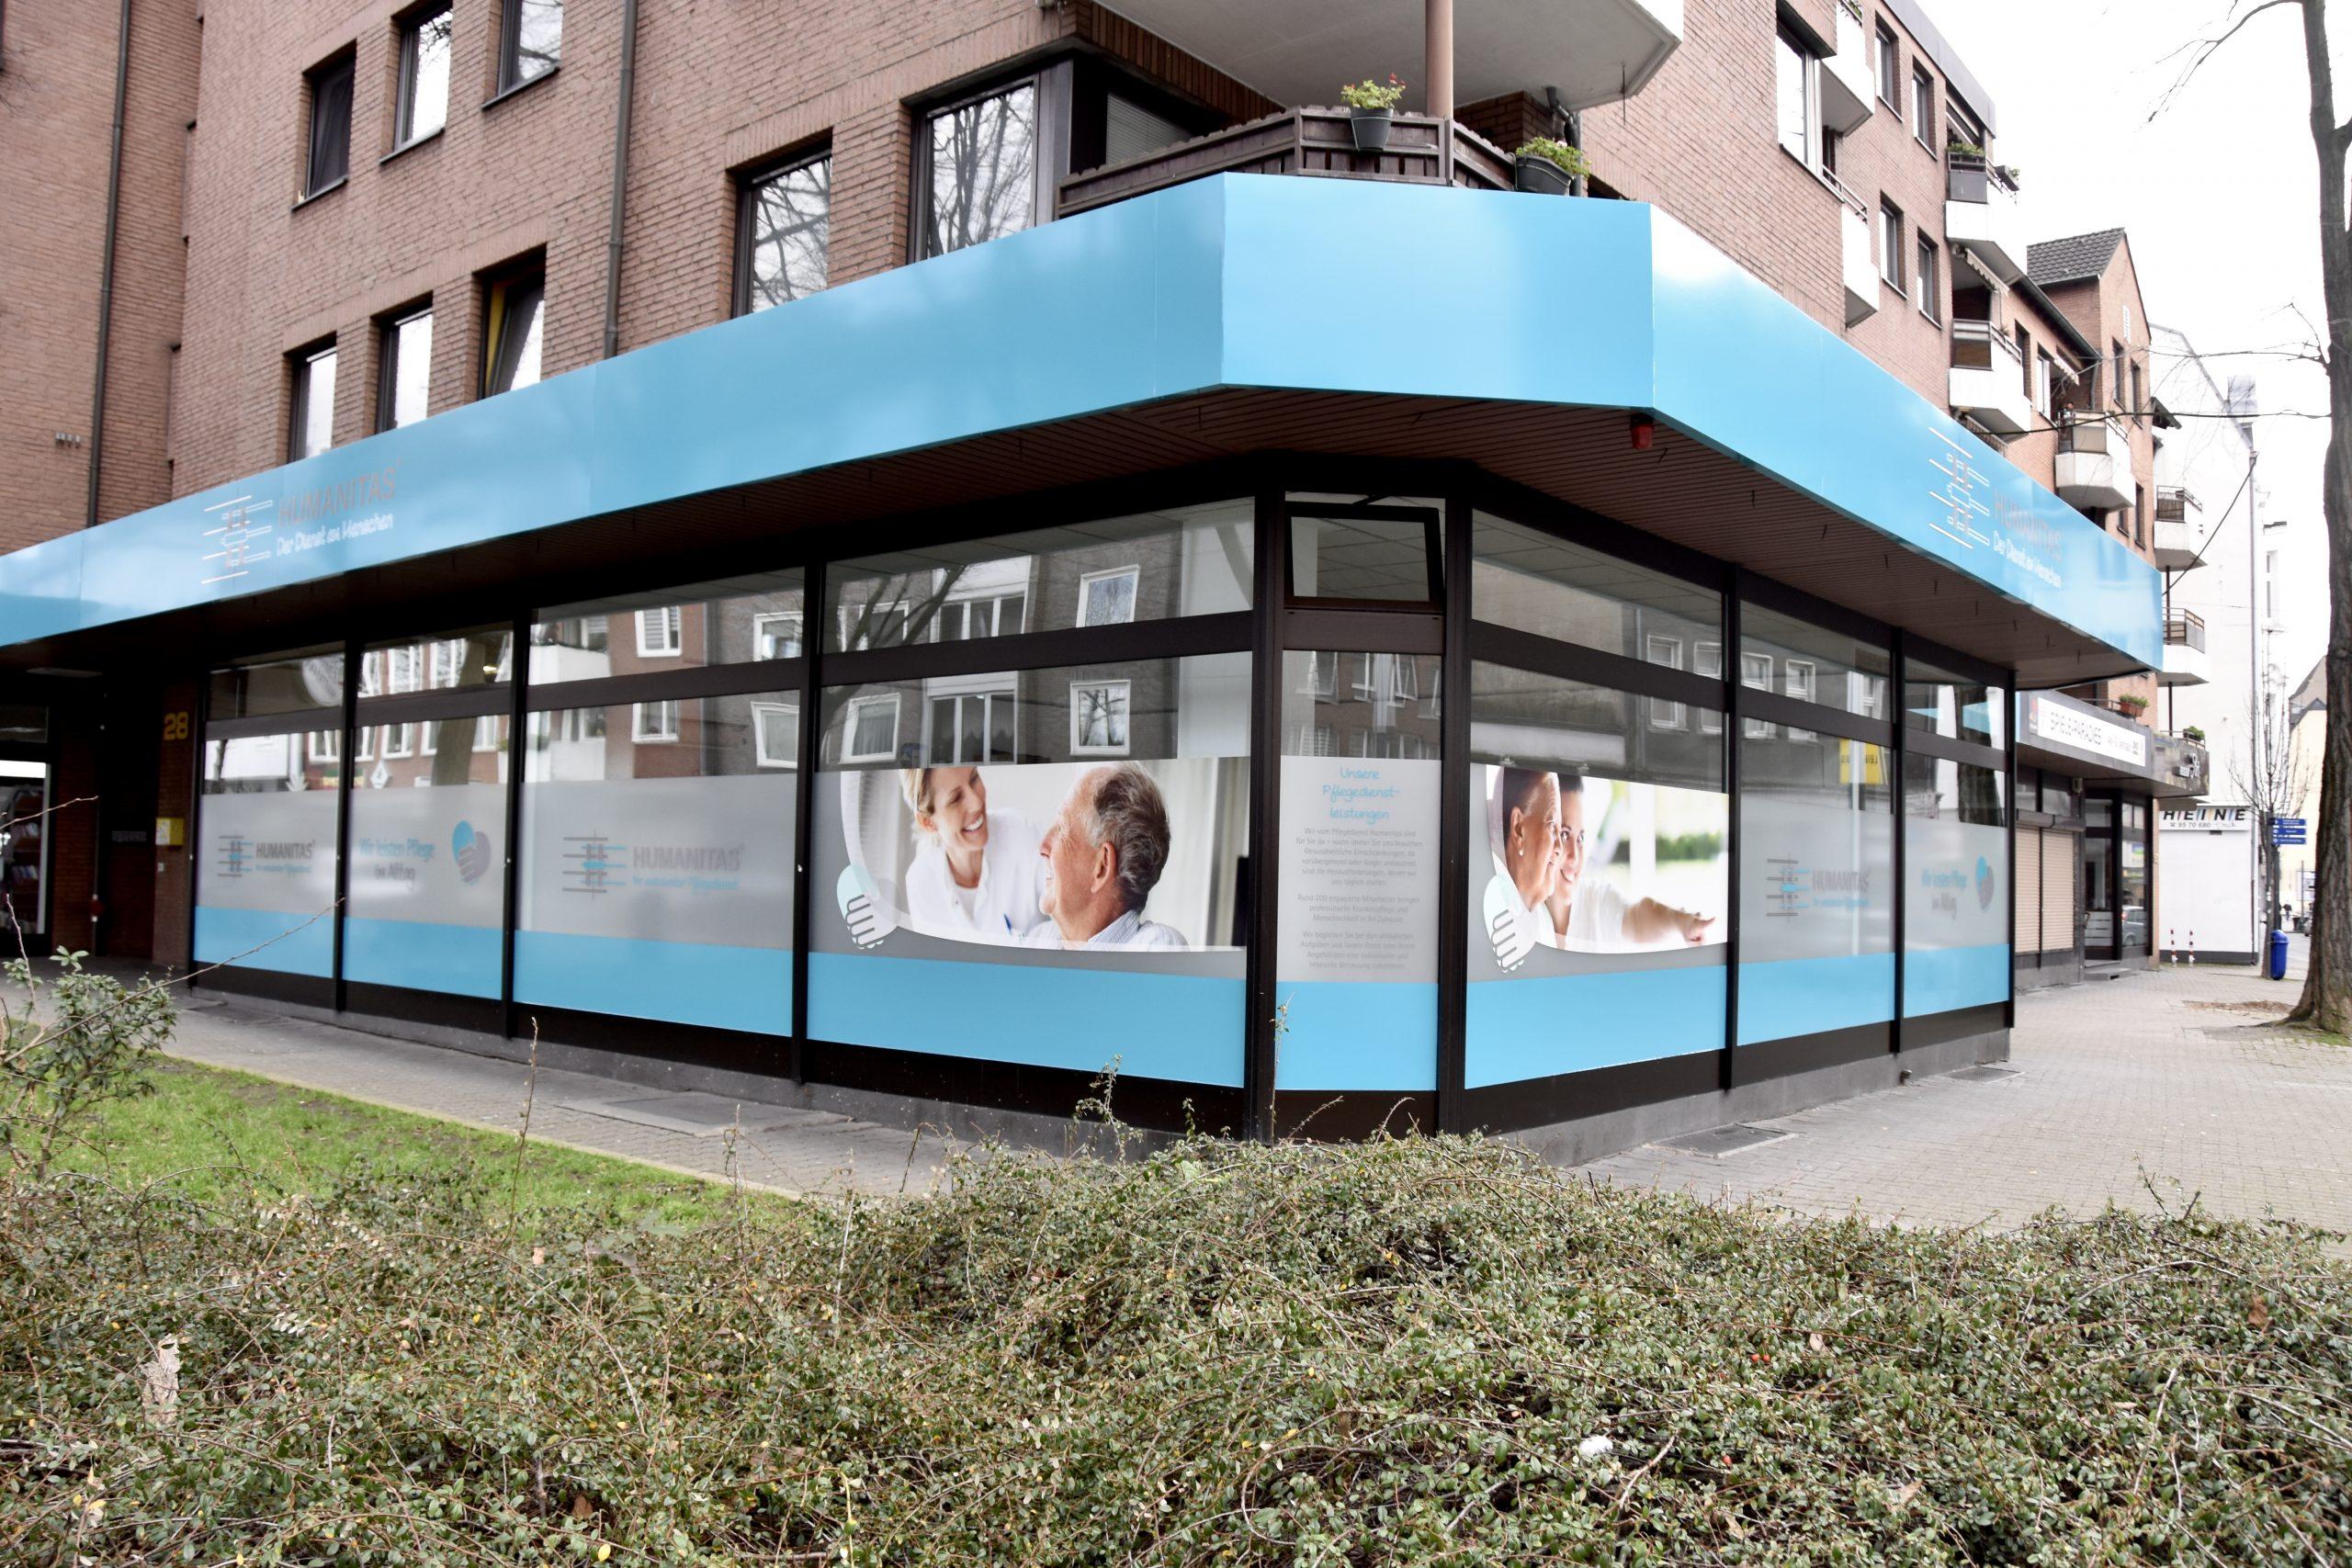 Humanitas Tagespflege Gelsenkirchen Außenansicht Ecke